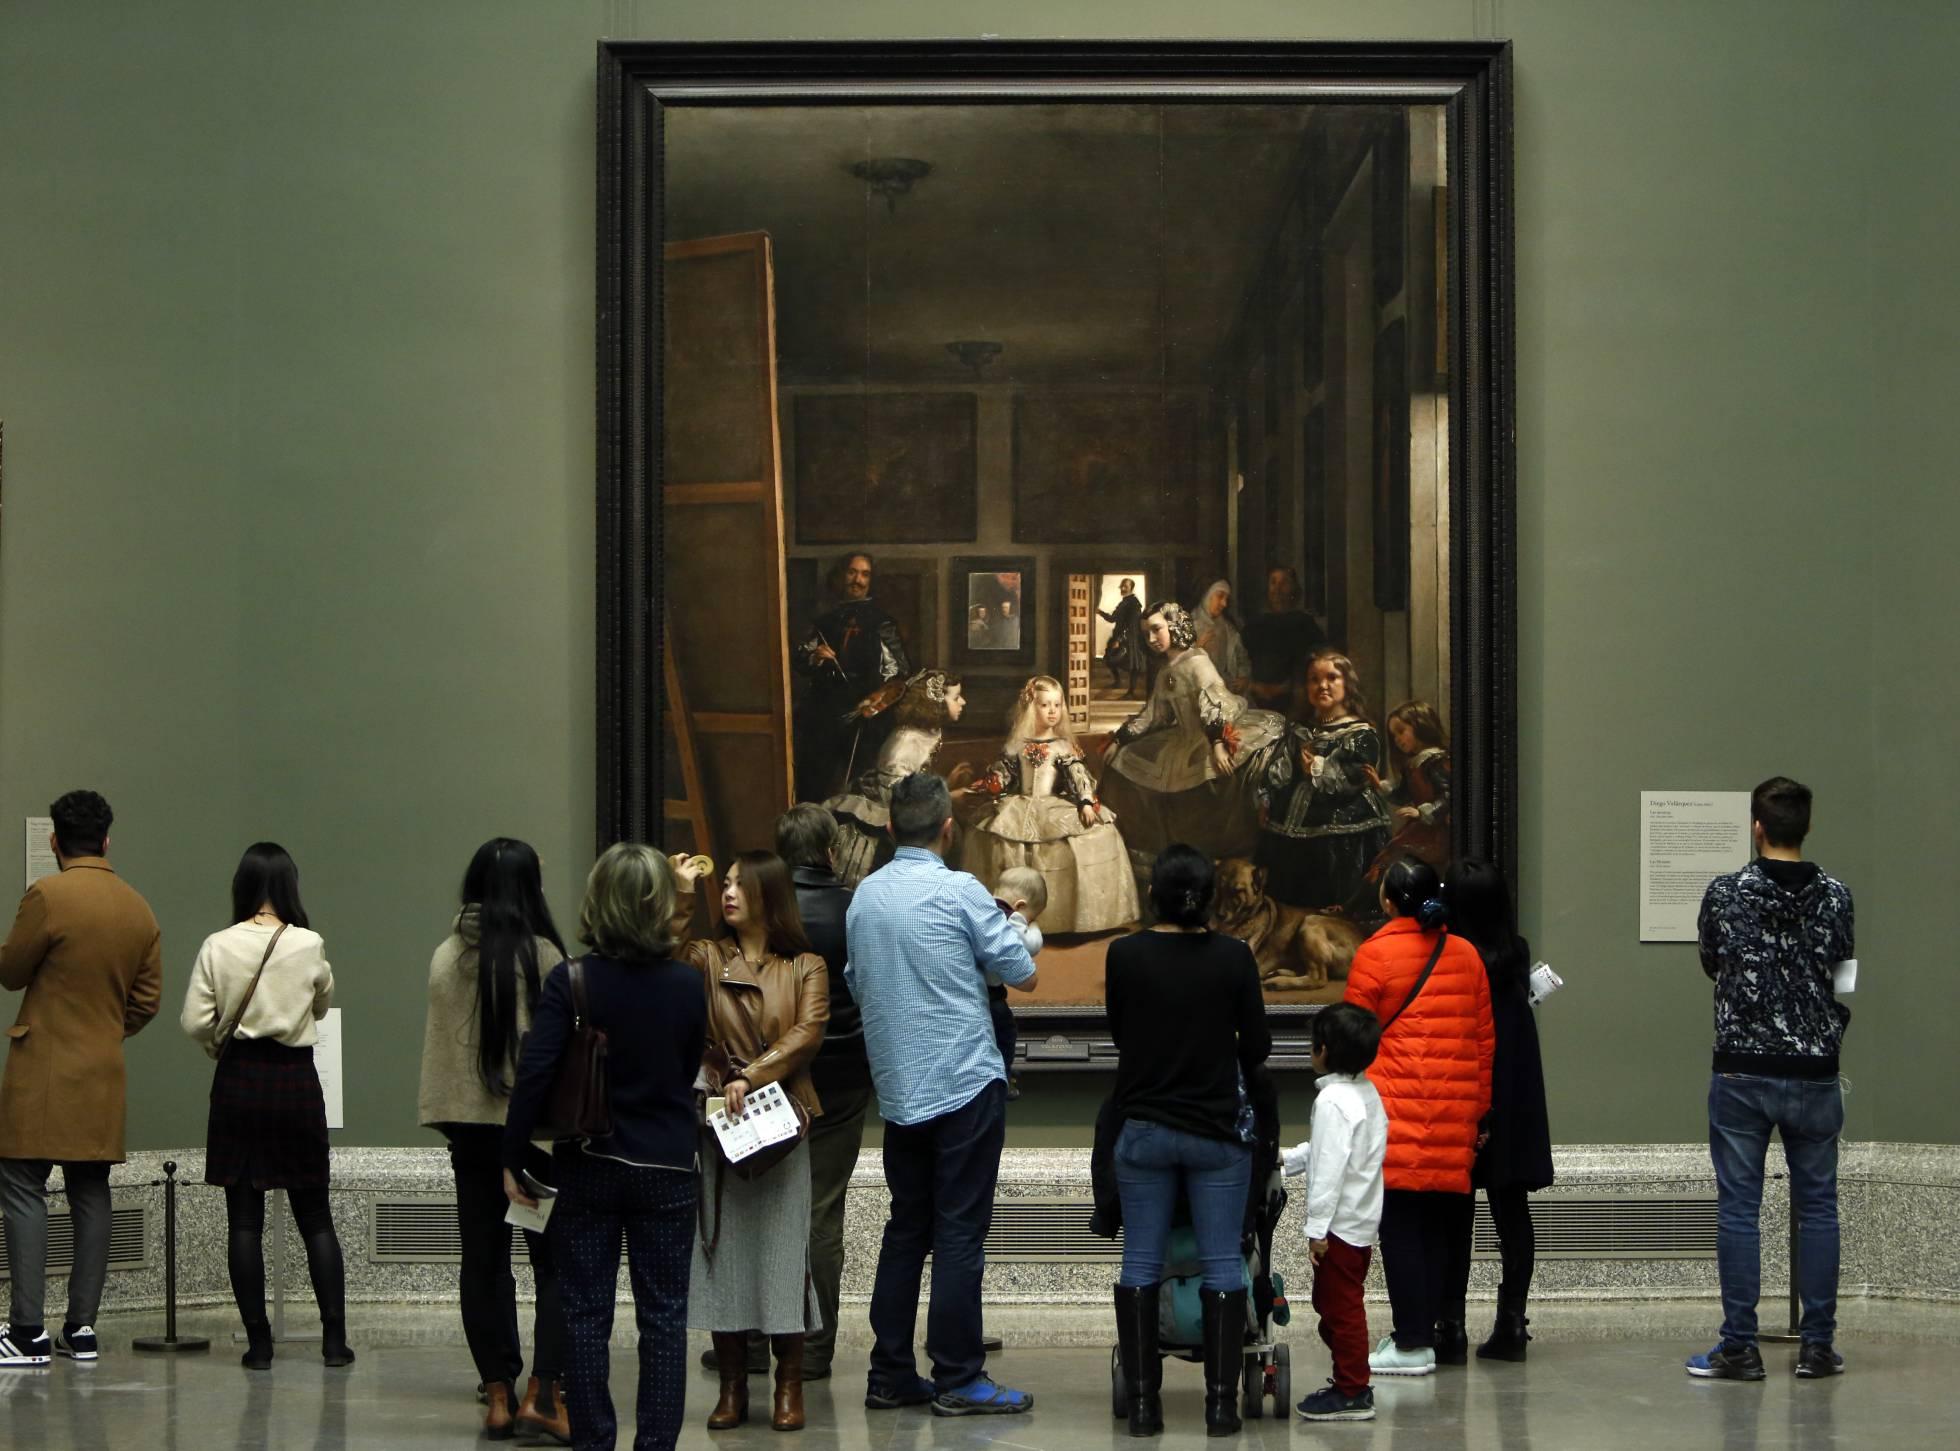 Il bicentenario del Museo del Prado: breve storia animata del gioiello spagnolo